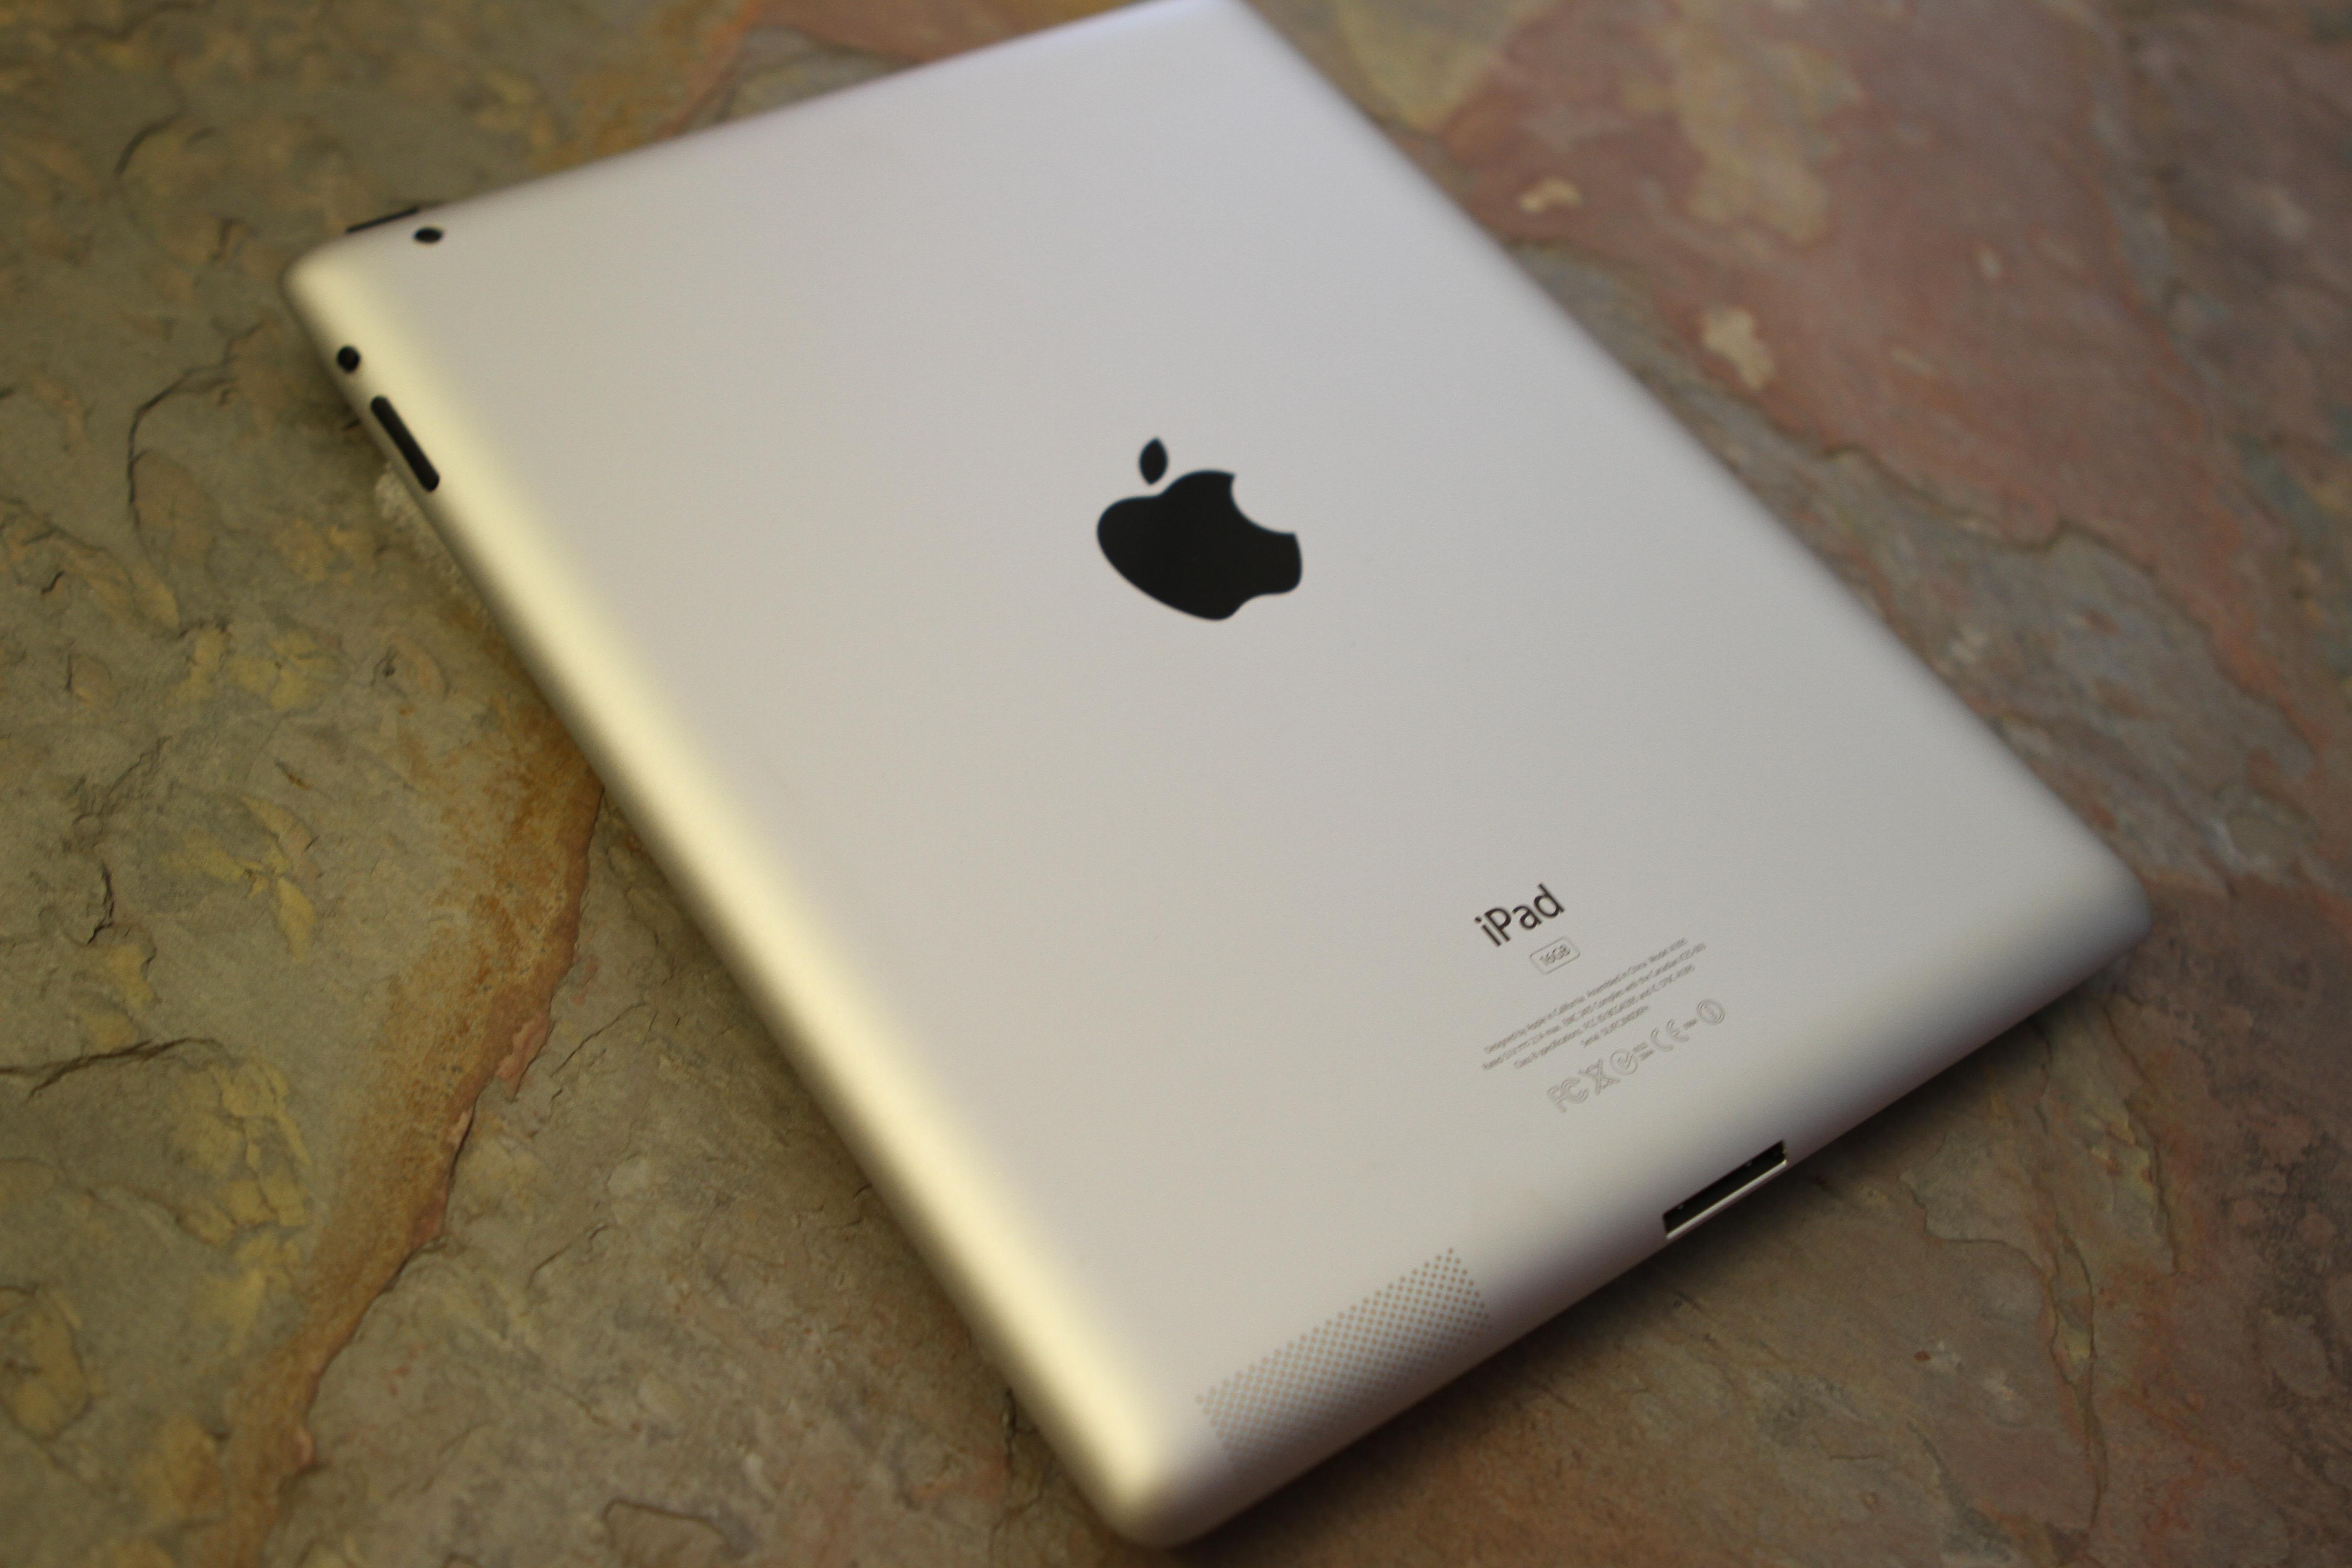 apple ipad 2 specifications pdf